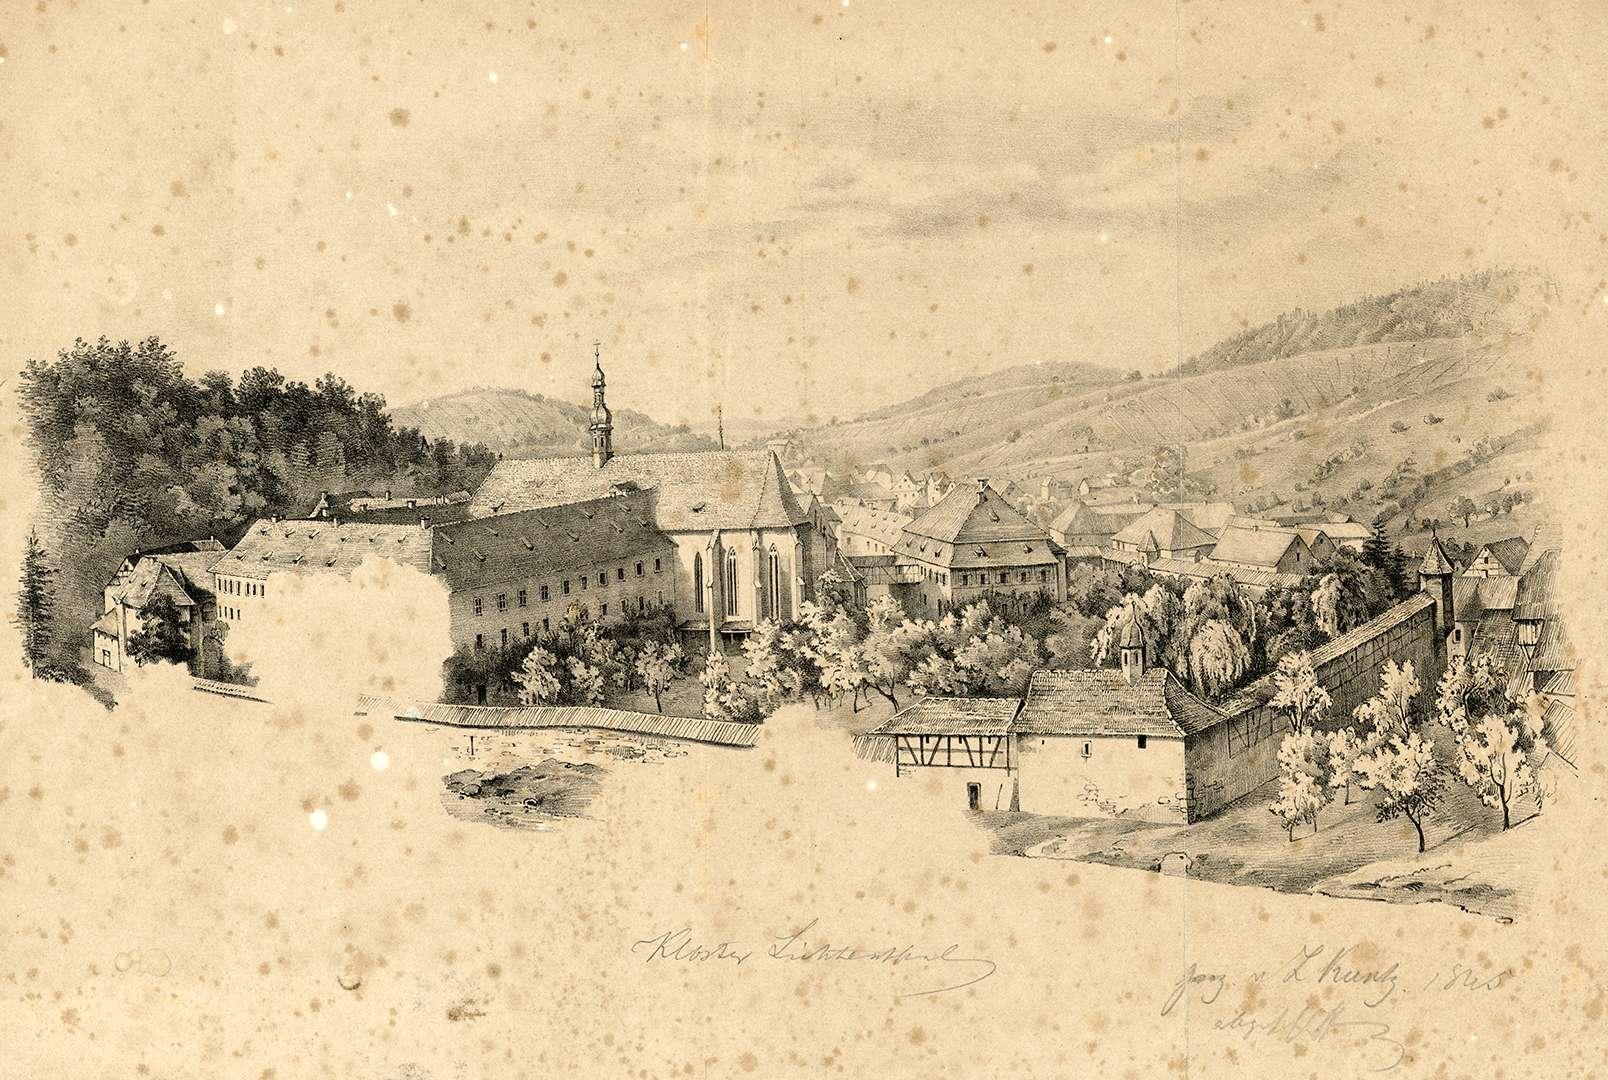 Kloster Lichtenthal, Bild 1